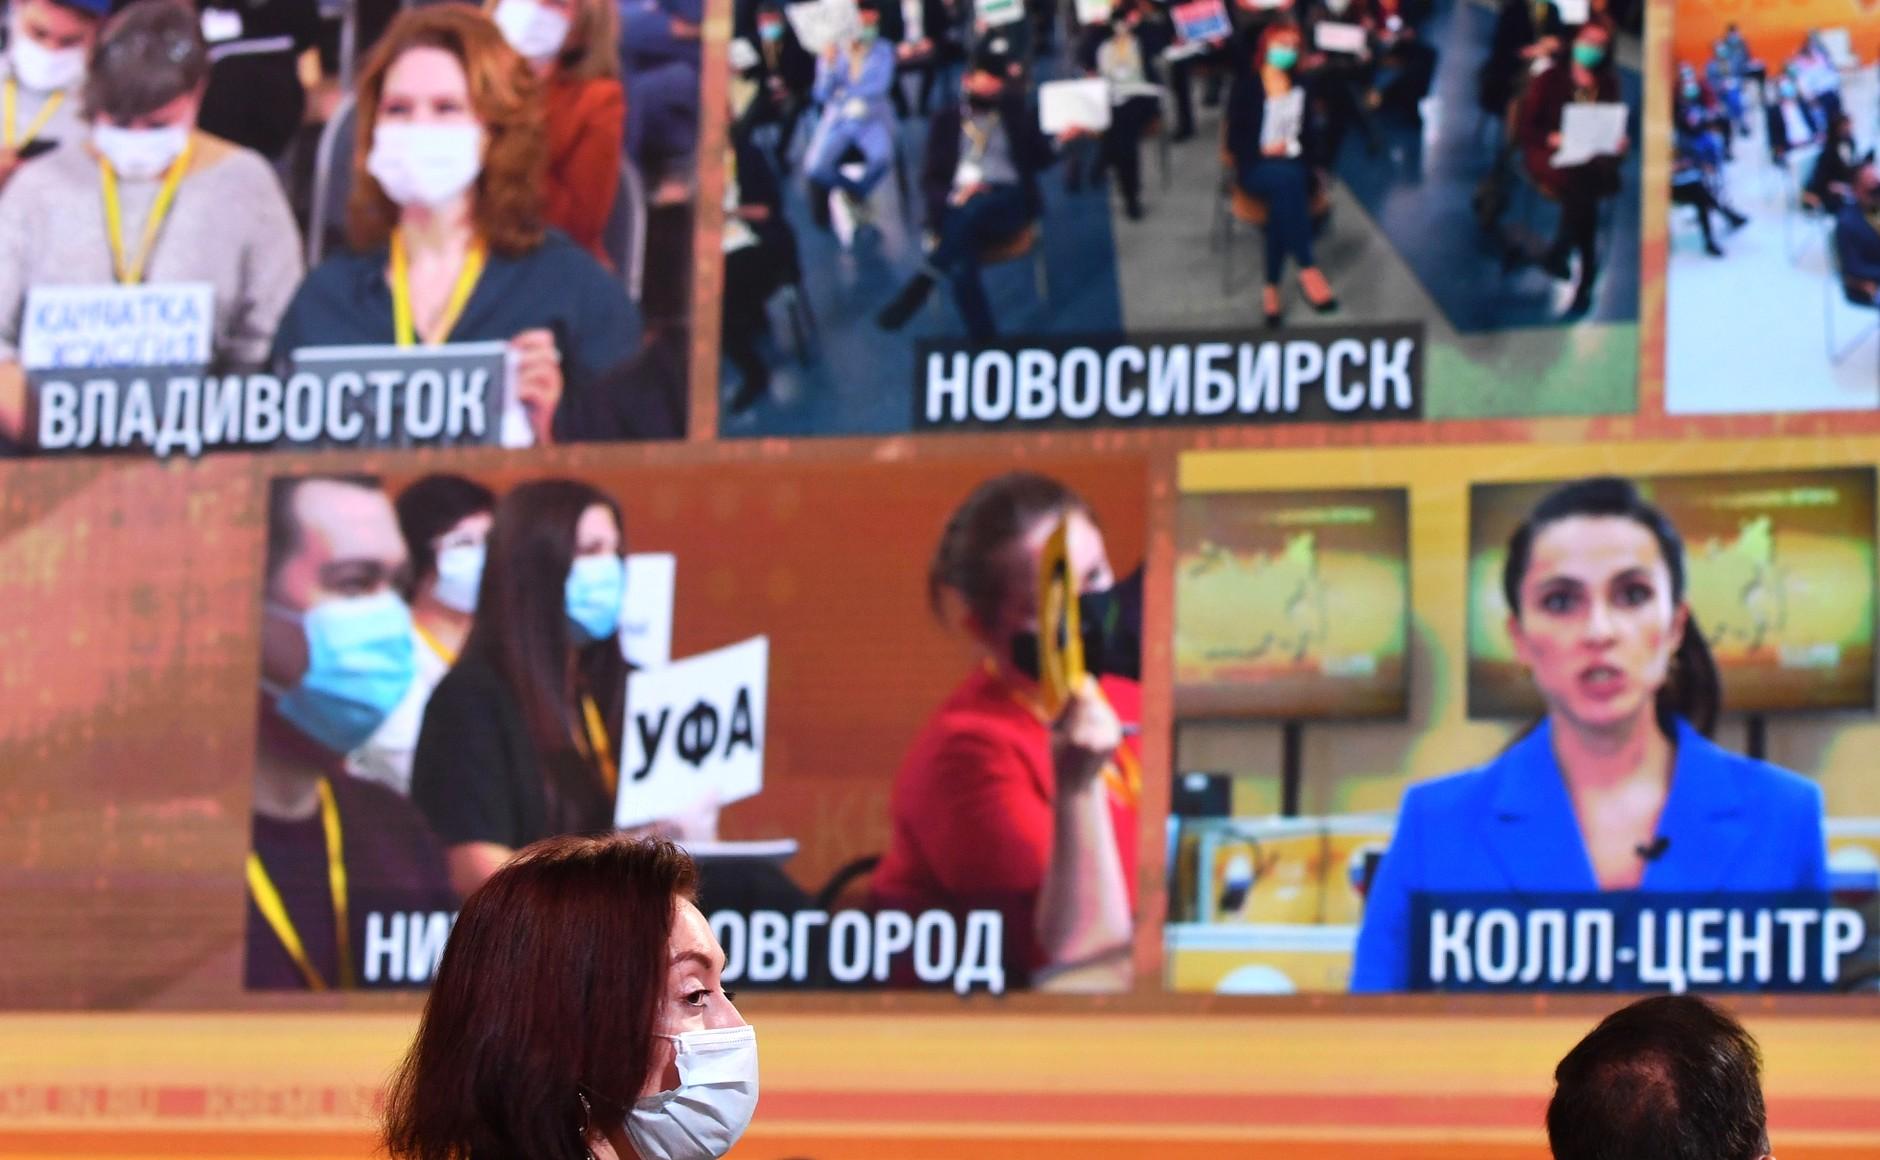 RUSSIE 17.12.2020.CONFERENCE 17 XX 66 Avant le début de la conférence de presse annuelle de Vladimir Poutine.